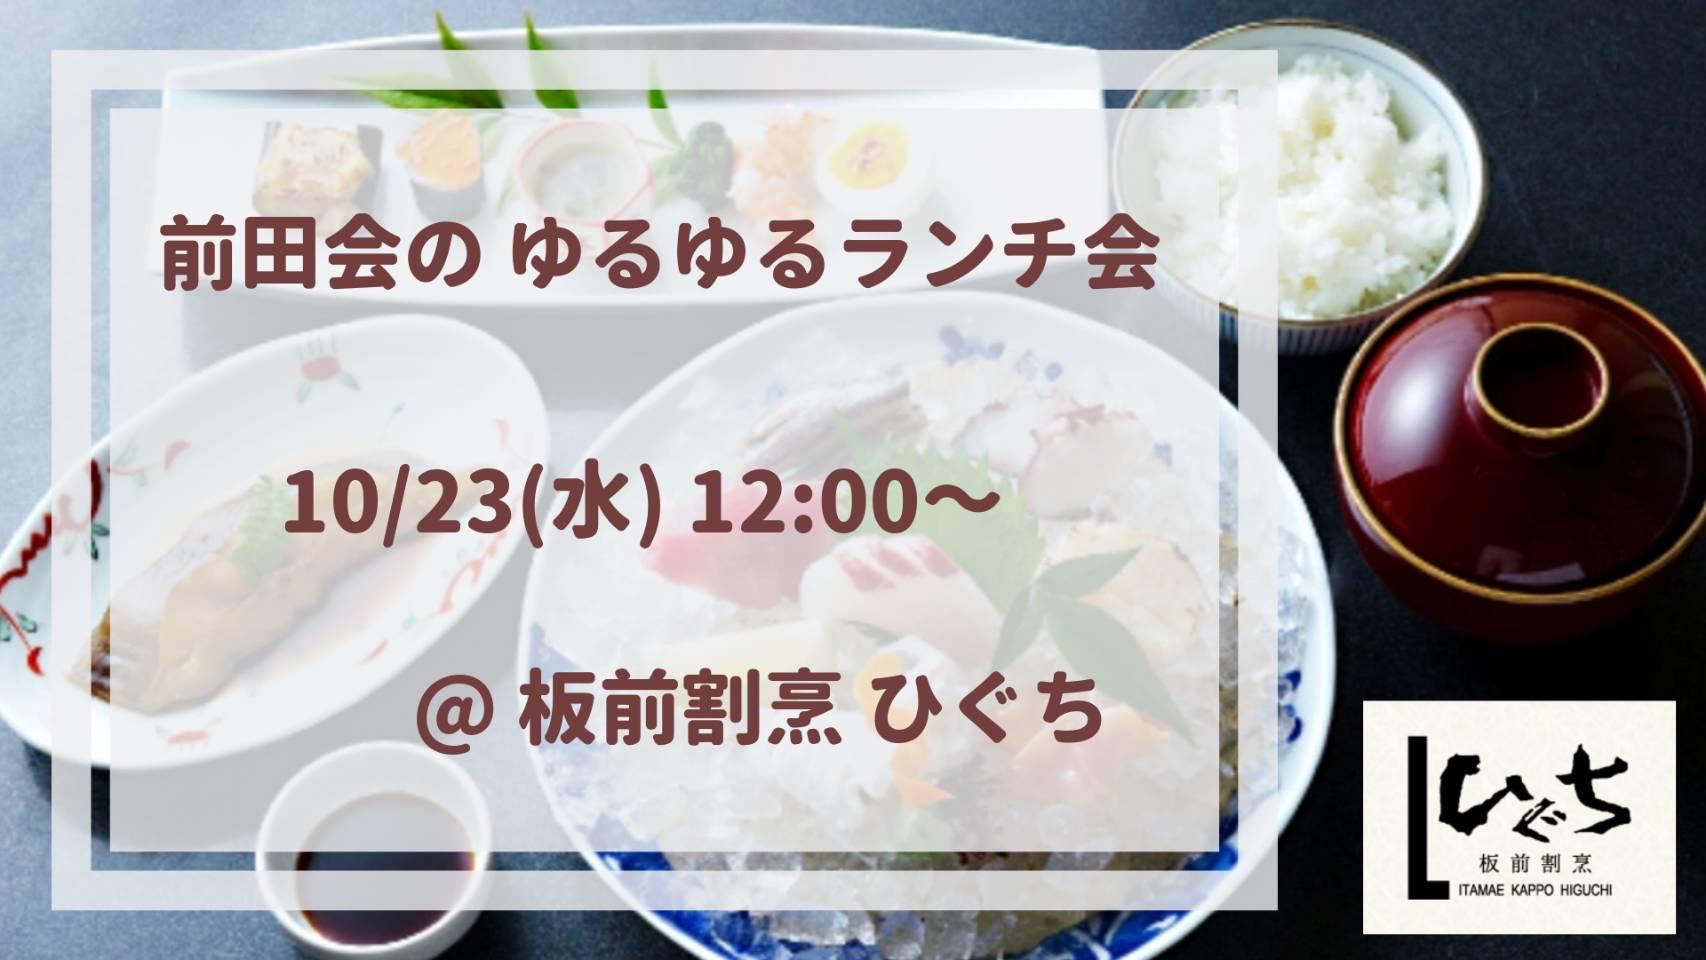 第23回前田会のゆるゆるランチ会